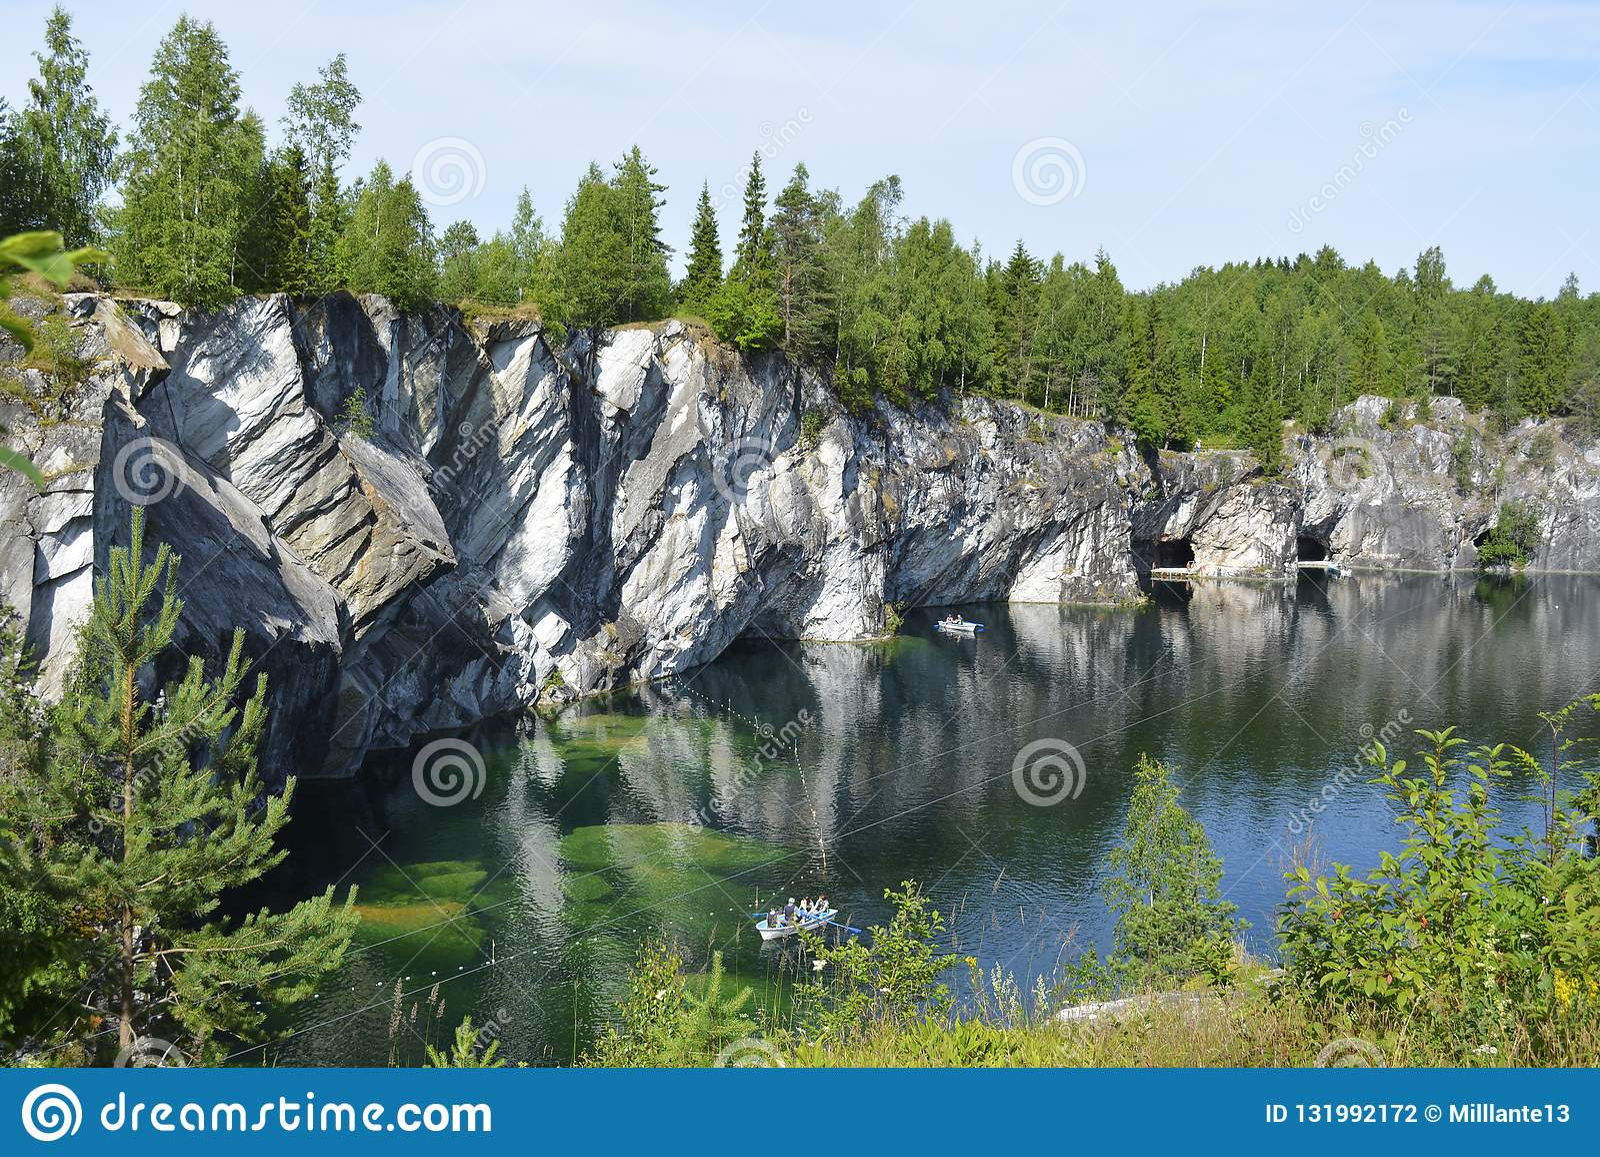 Карьер зеленых грунтовых водов бывший мраморный